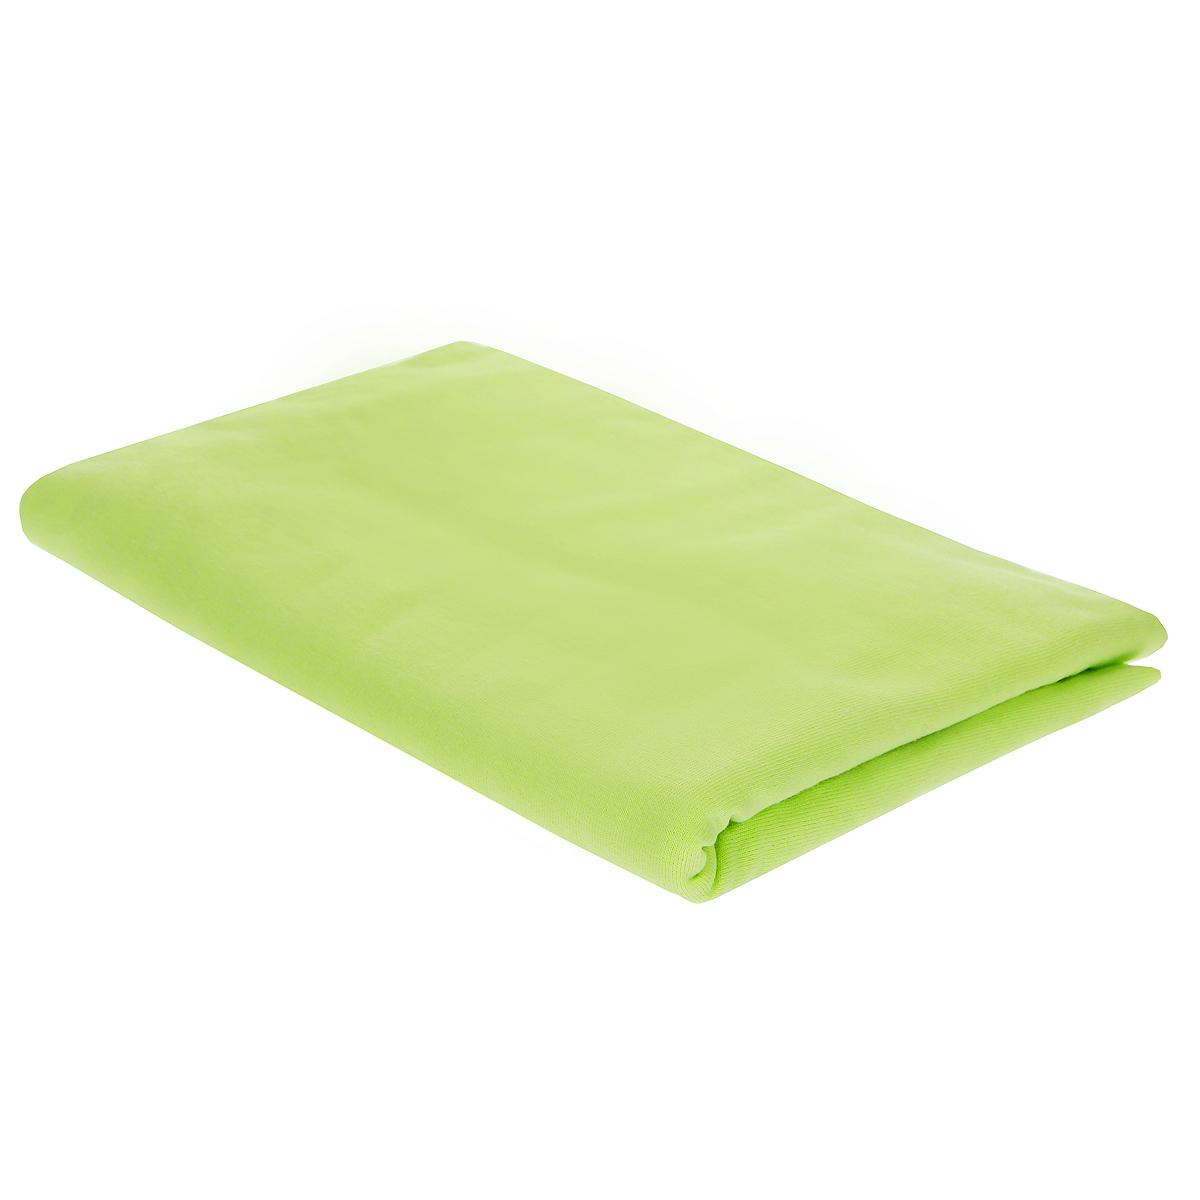 Пеленка трикотажная Трон-Плюс, цвет: салатовый, 120 см х 90 см пеленка трикотажная трон плюс цвет розовый 120 см х 90 см